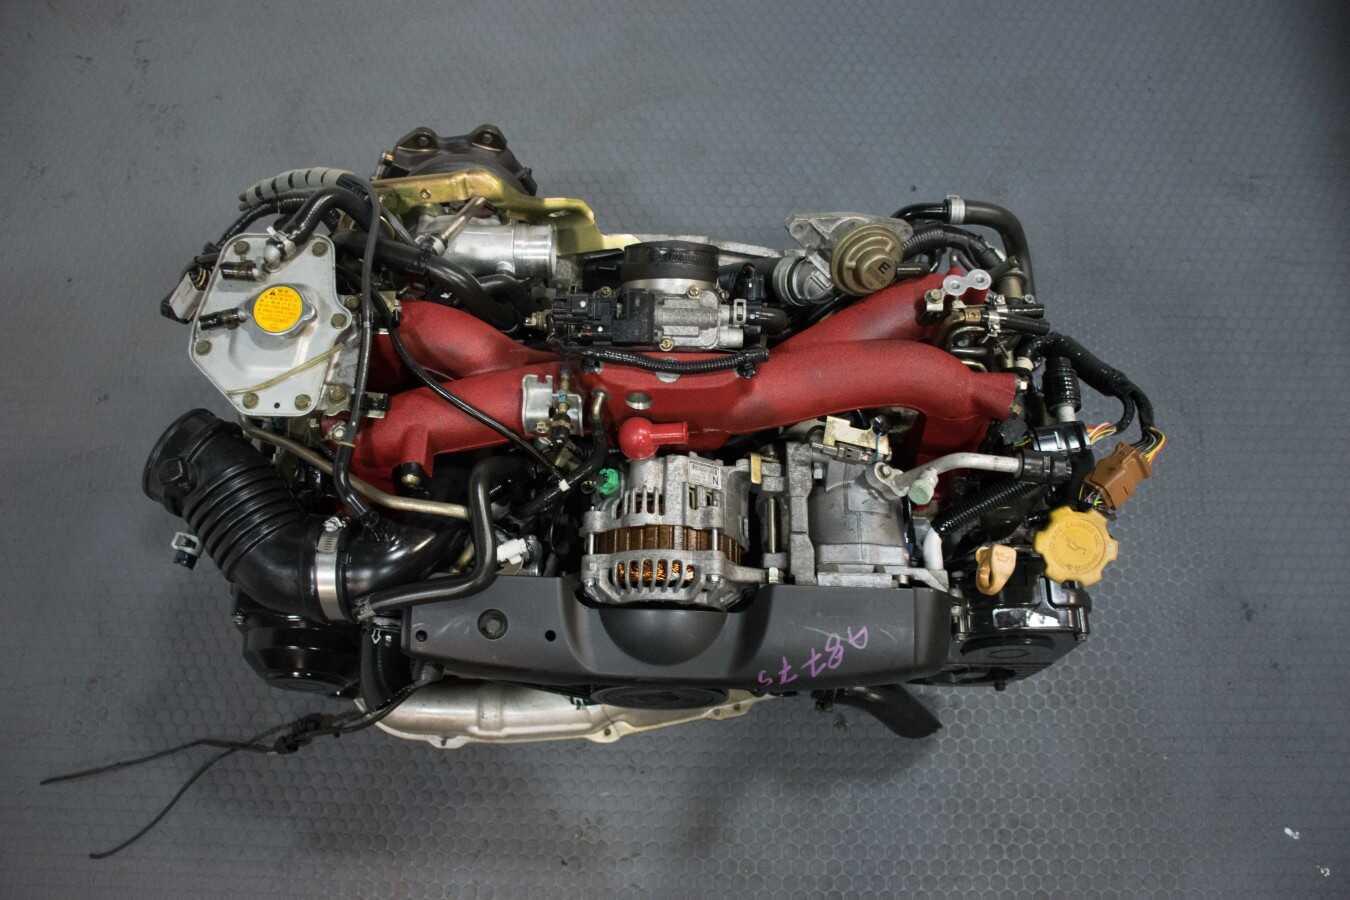 Low Mileage Jdm Subaru Wrx Sti Spec C Ej207 Engine With